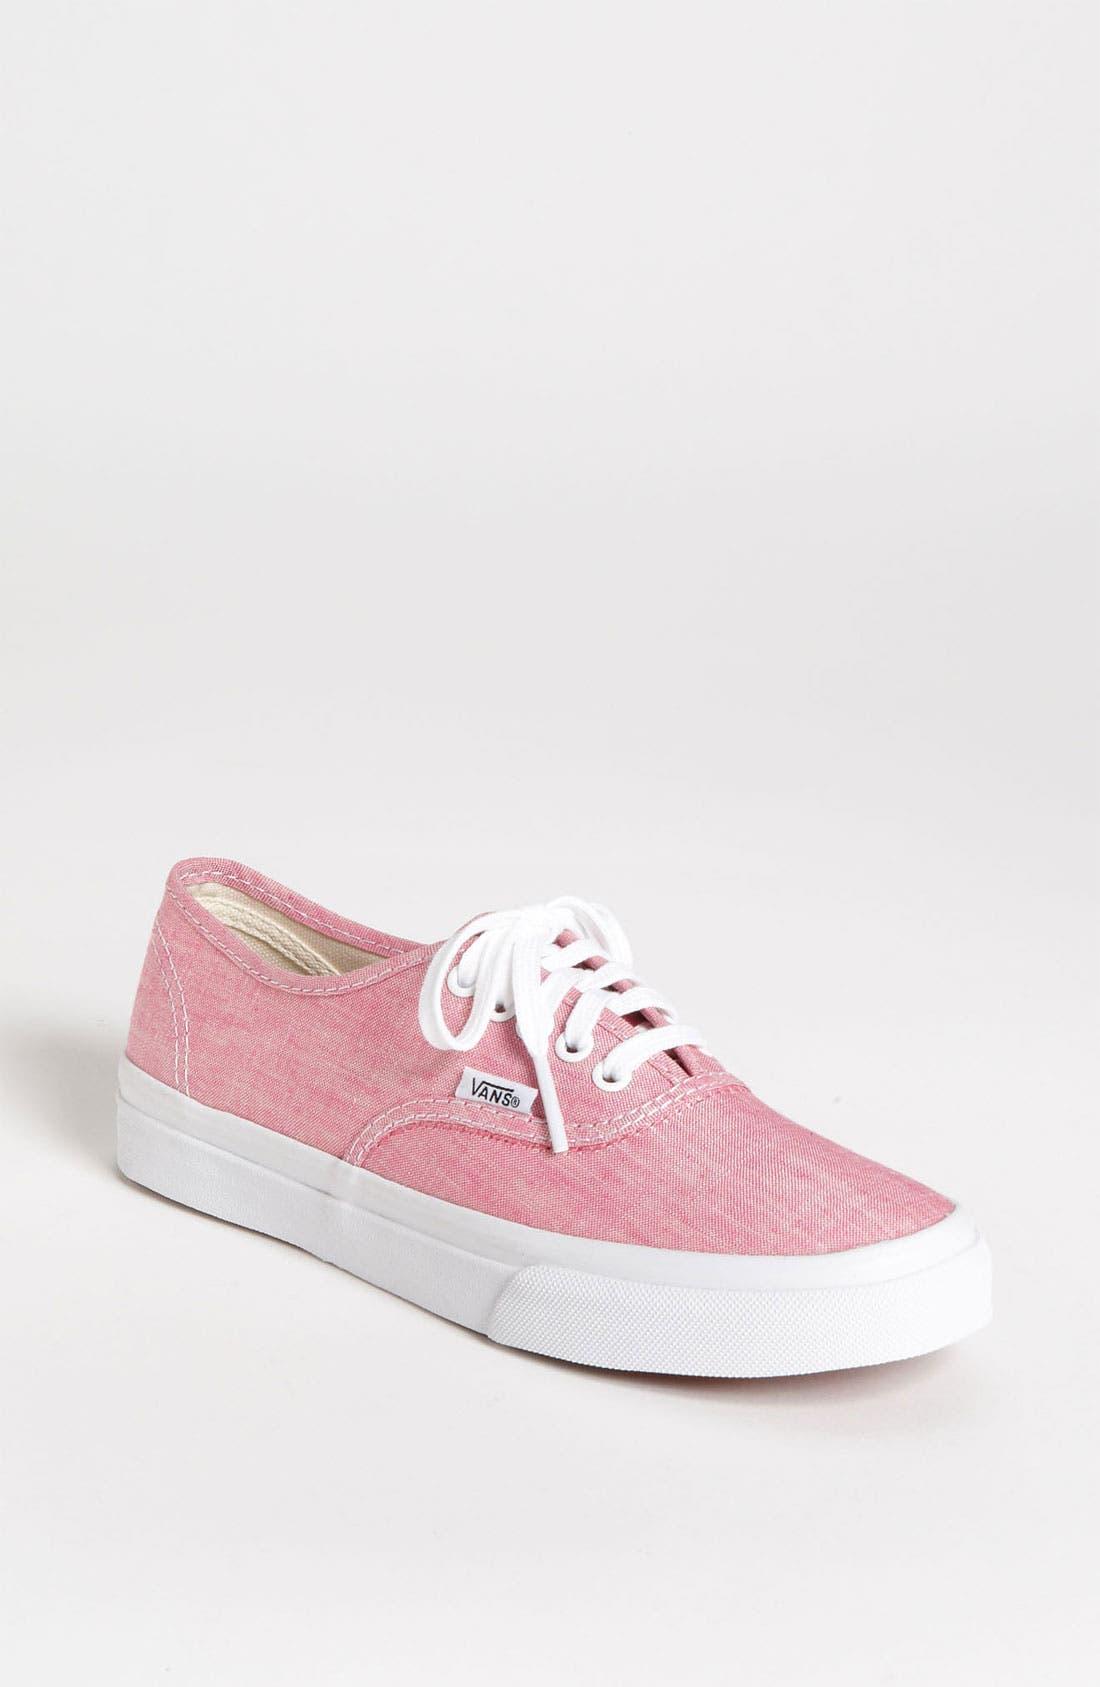 Main Image - Vans 'Authentic Slim - Van Doren' Sneaker (Women)